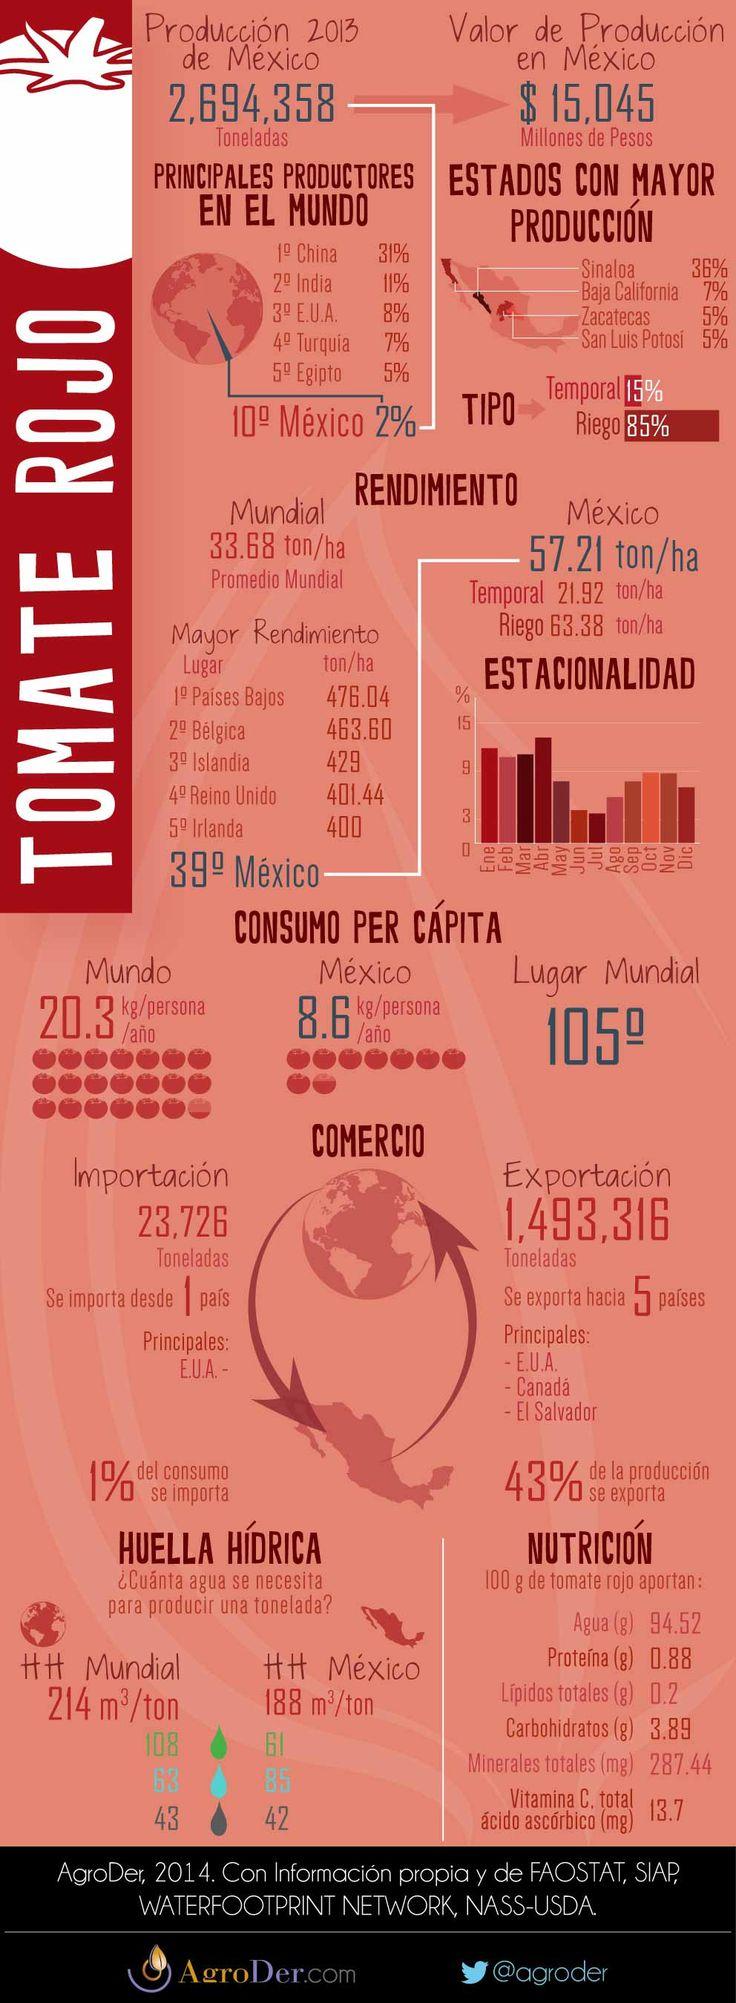 Infografía - Tomate Rojo en México, 2013.